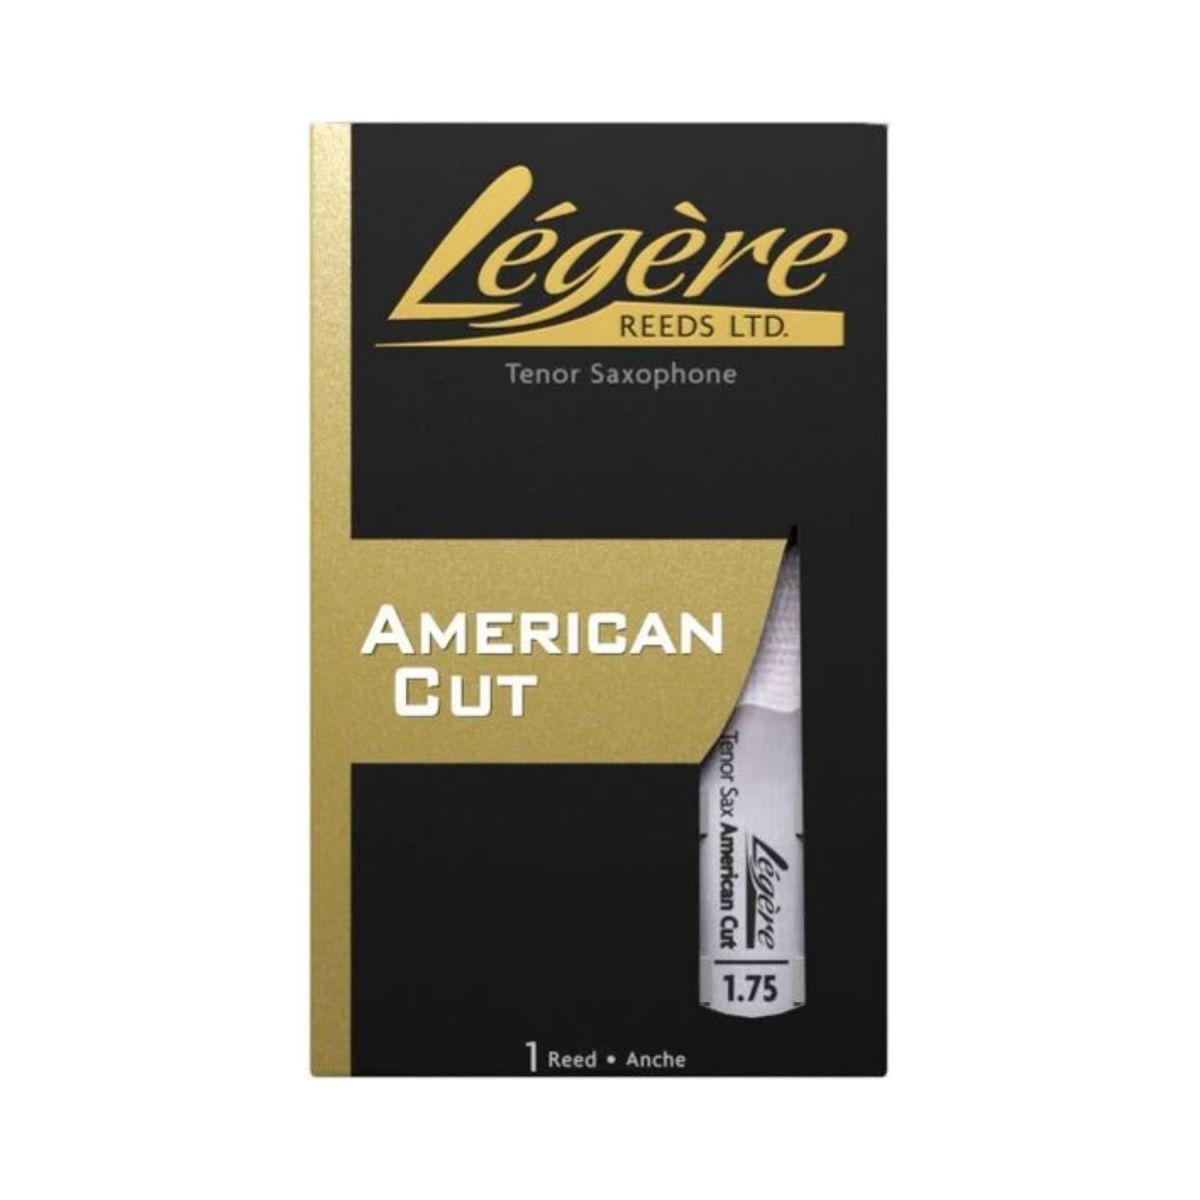 Ancia Sax Tenore Legere American Cut n.1,75 singola